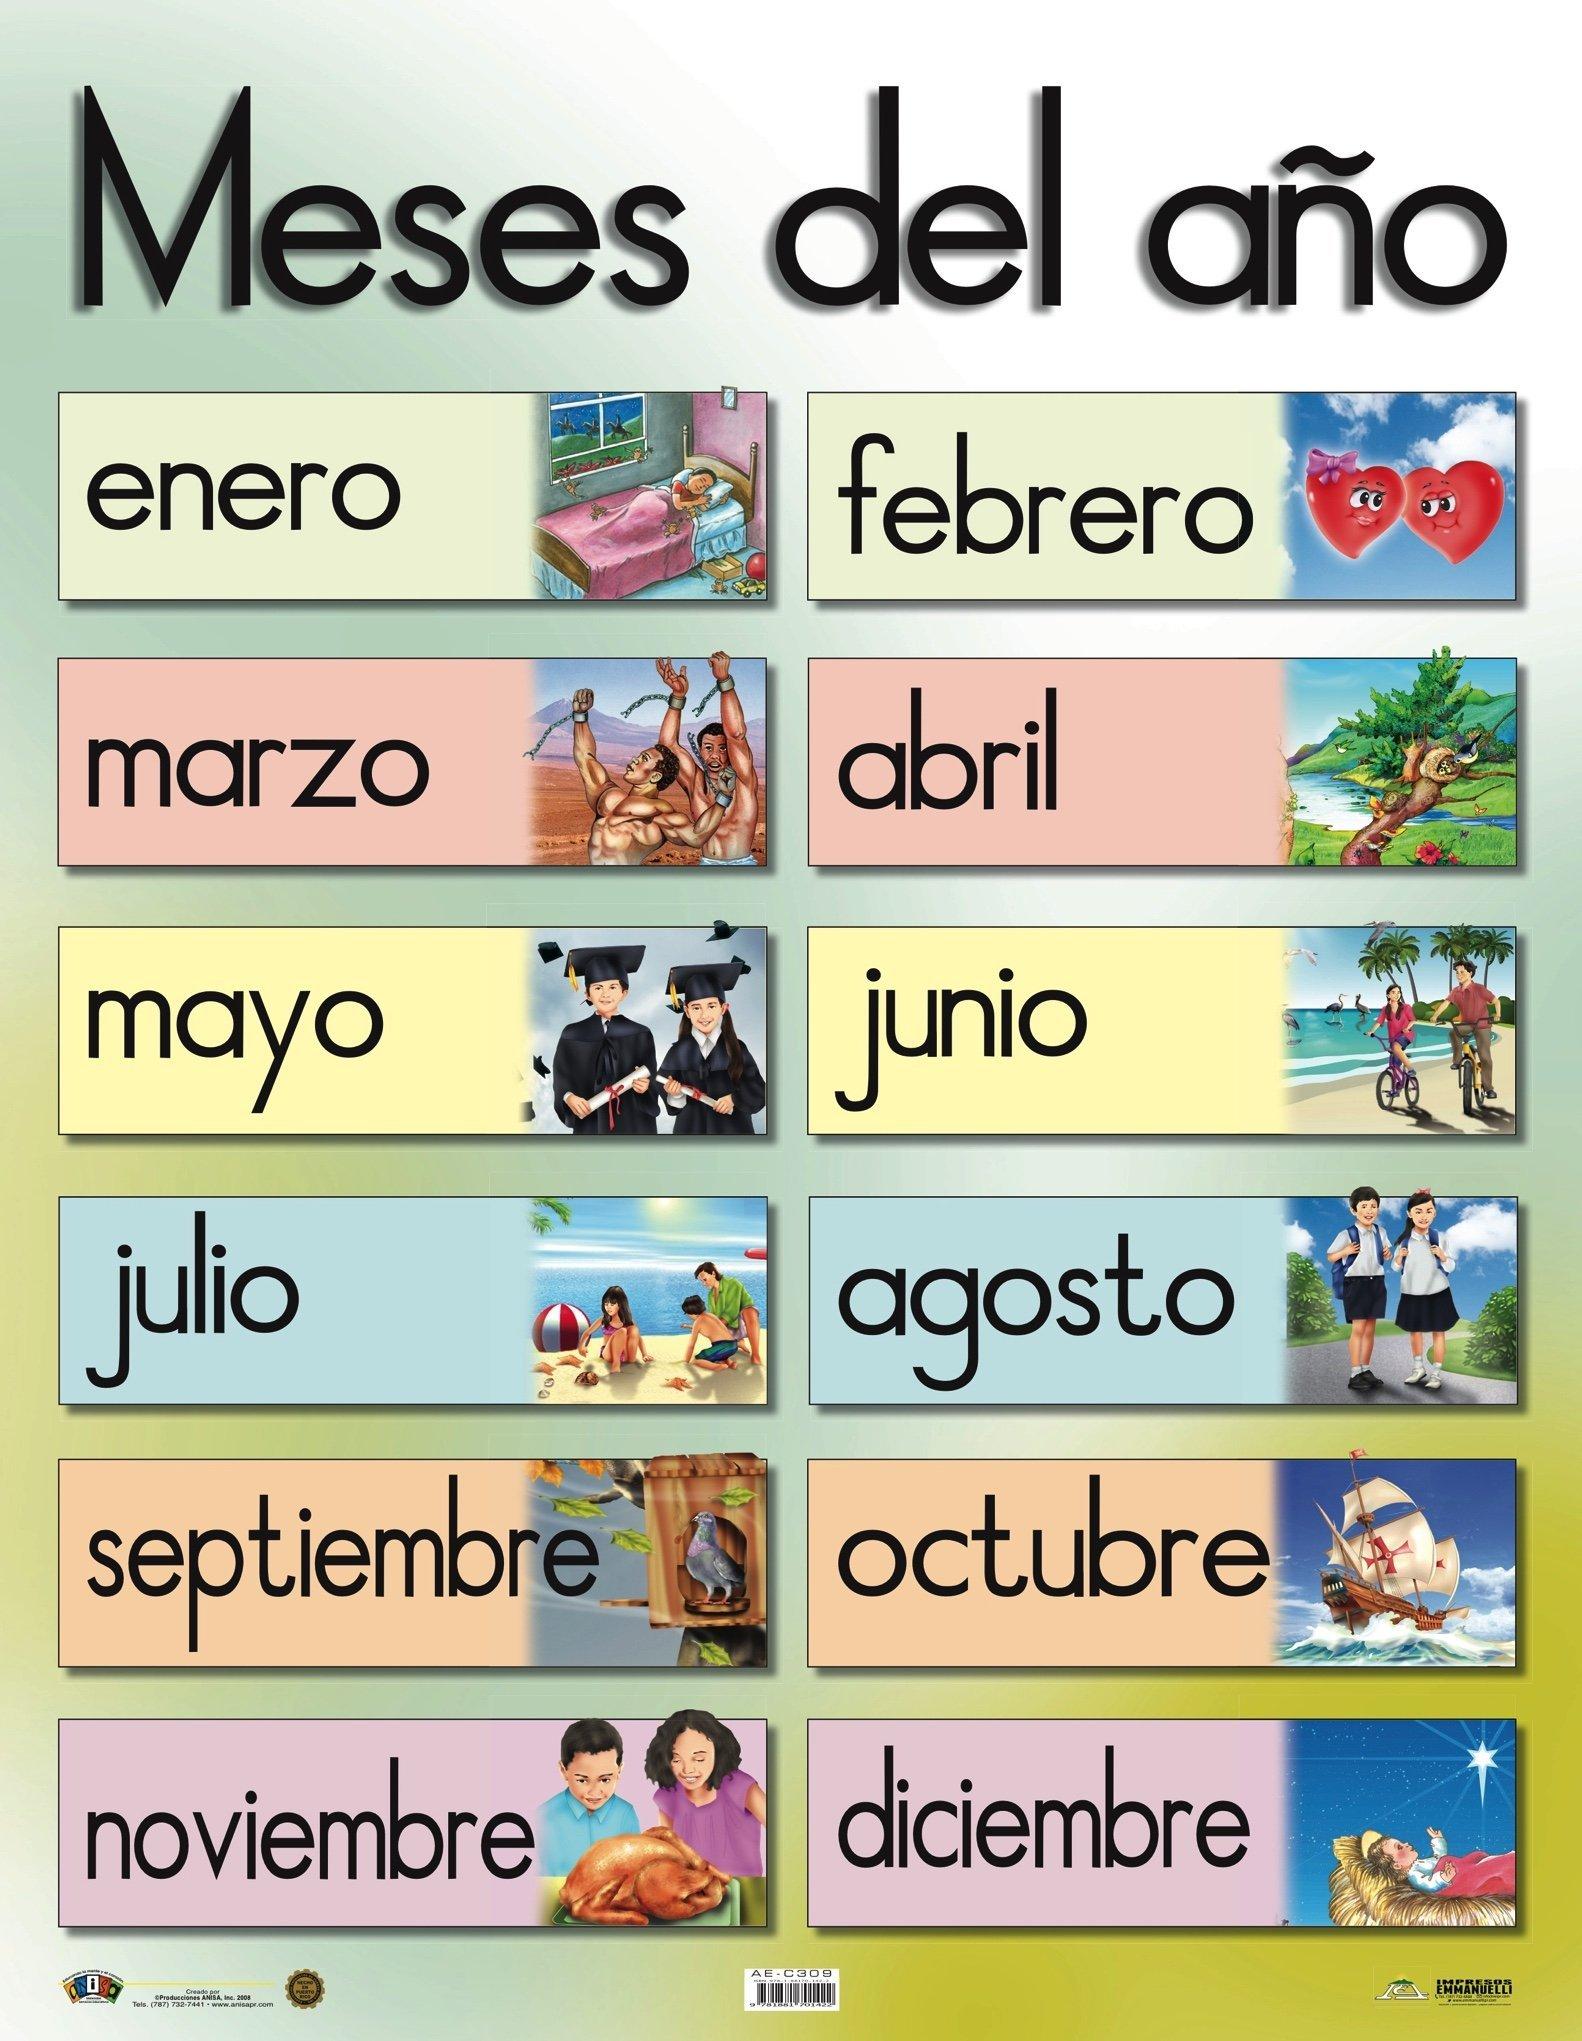 Ae C309 Meses Del Año Meses Del Año Artes Del Lenguaje Forma Palabras